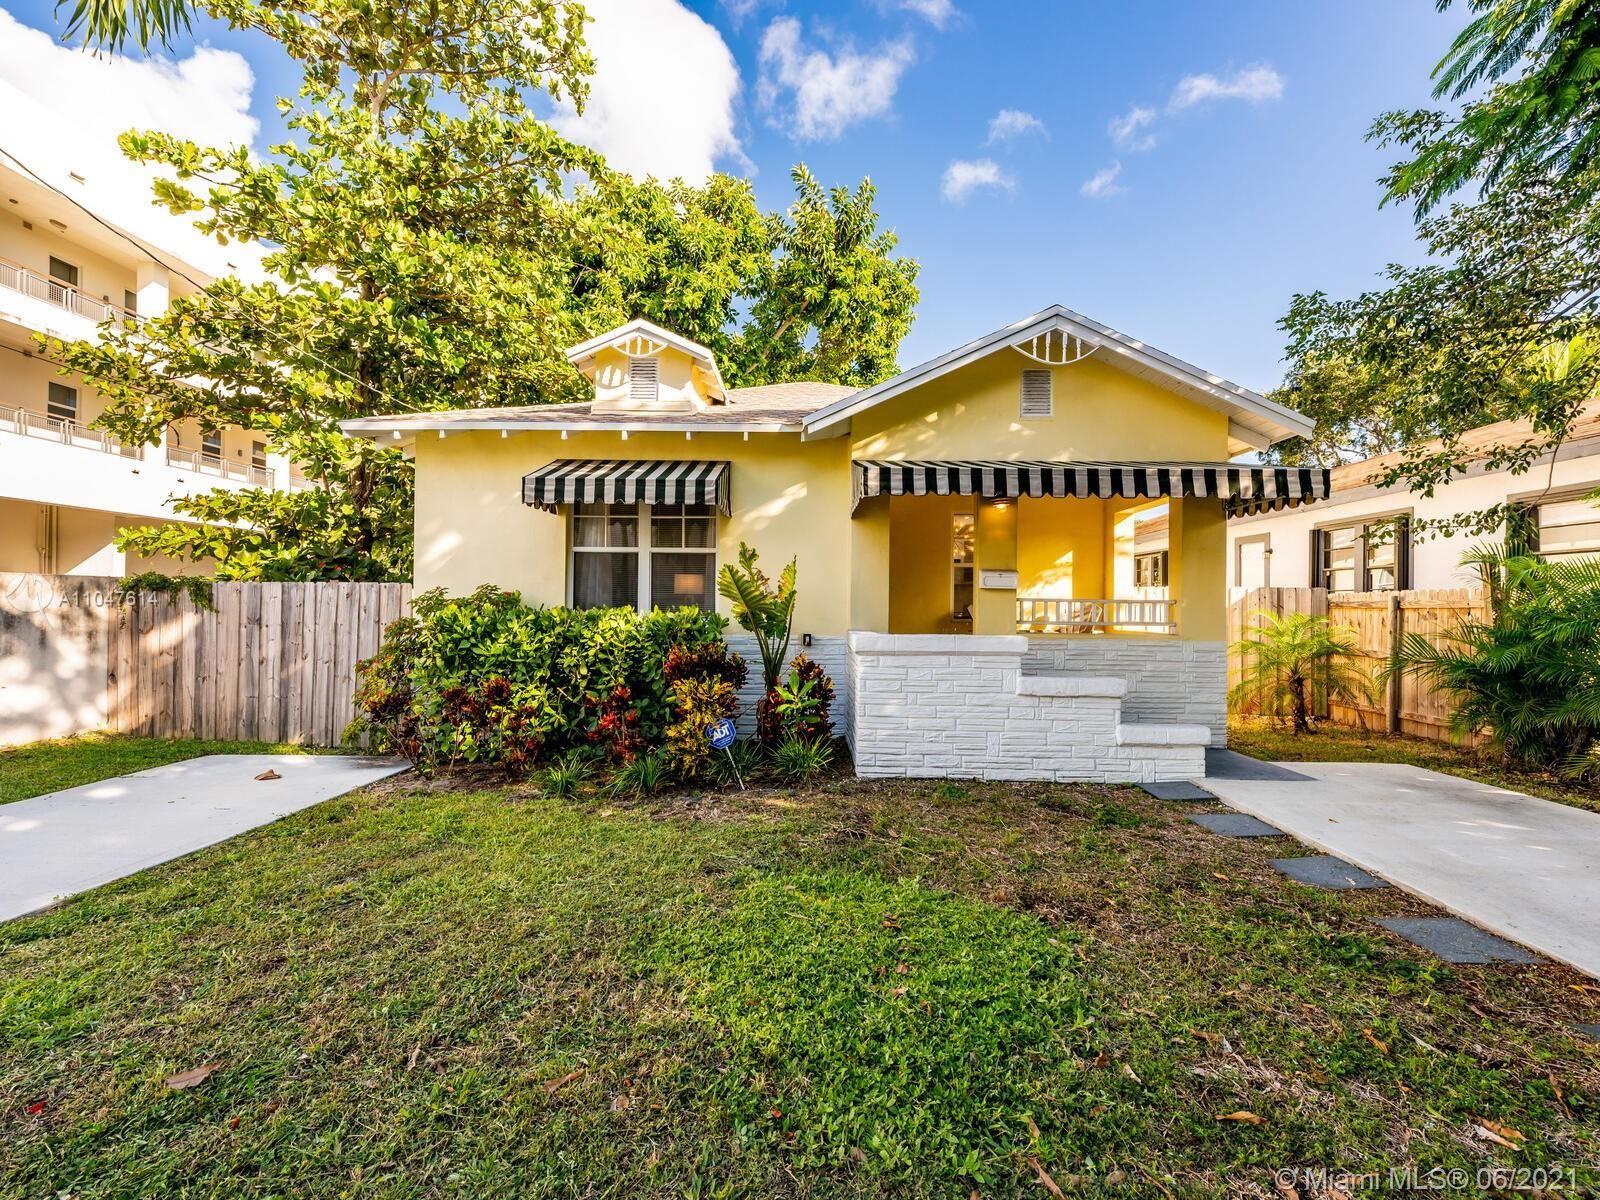 621 NE 67th St, Miami, FL 33138 - #: A11047614